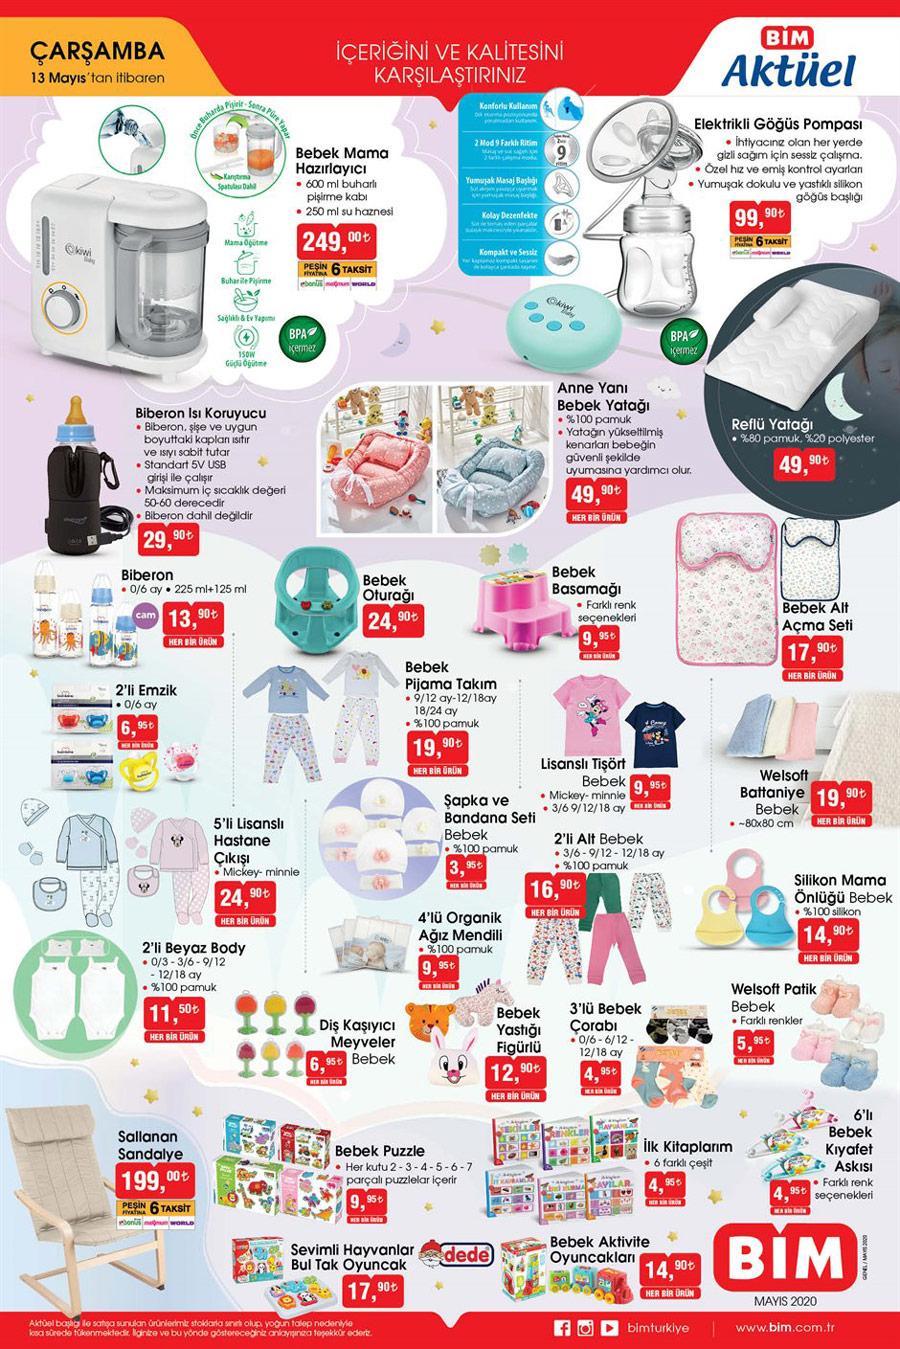 Bim 13 MAYIS 2020 anne-bebek urunleri katalogu revize